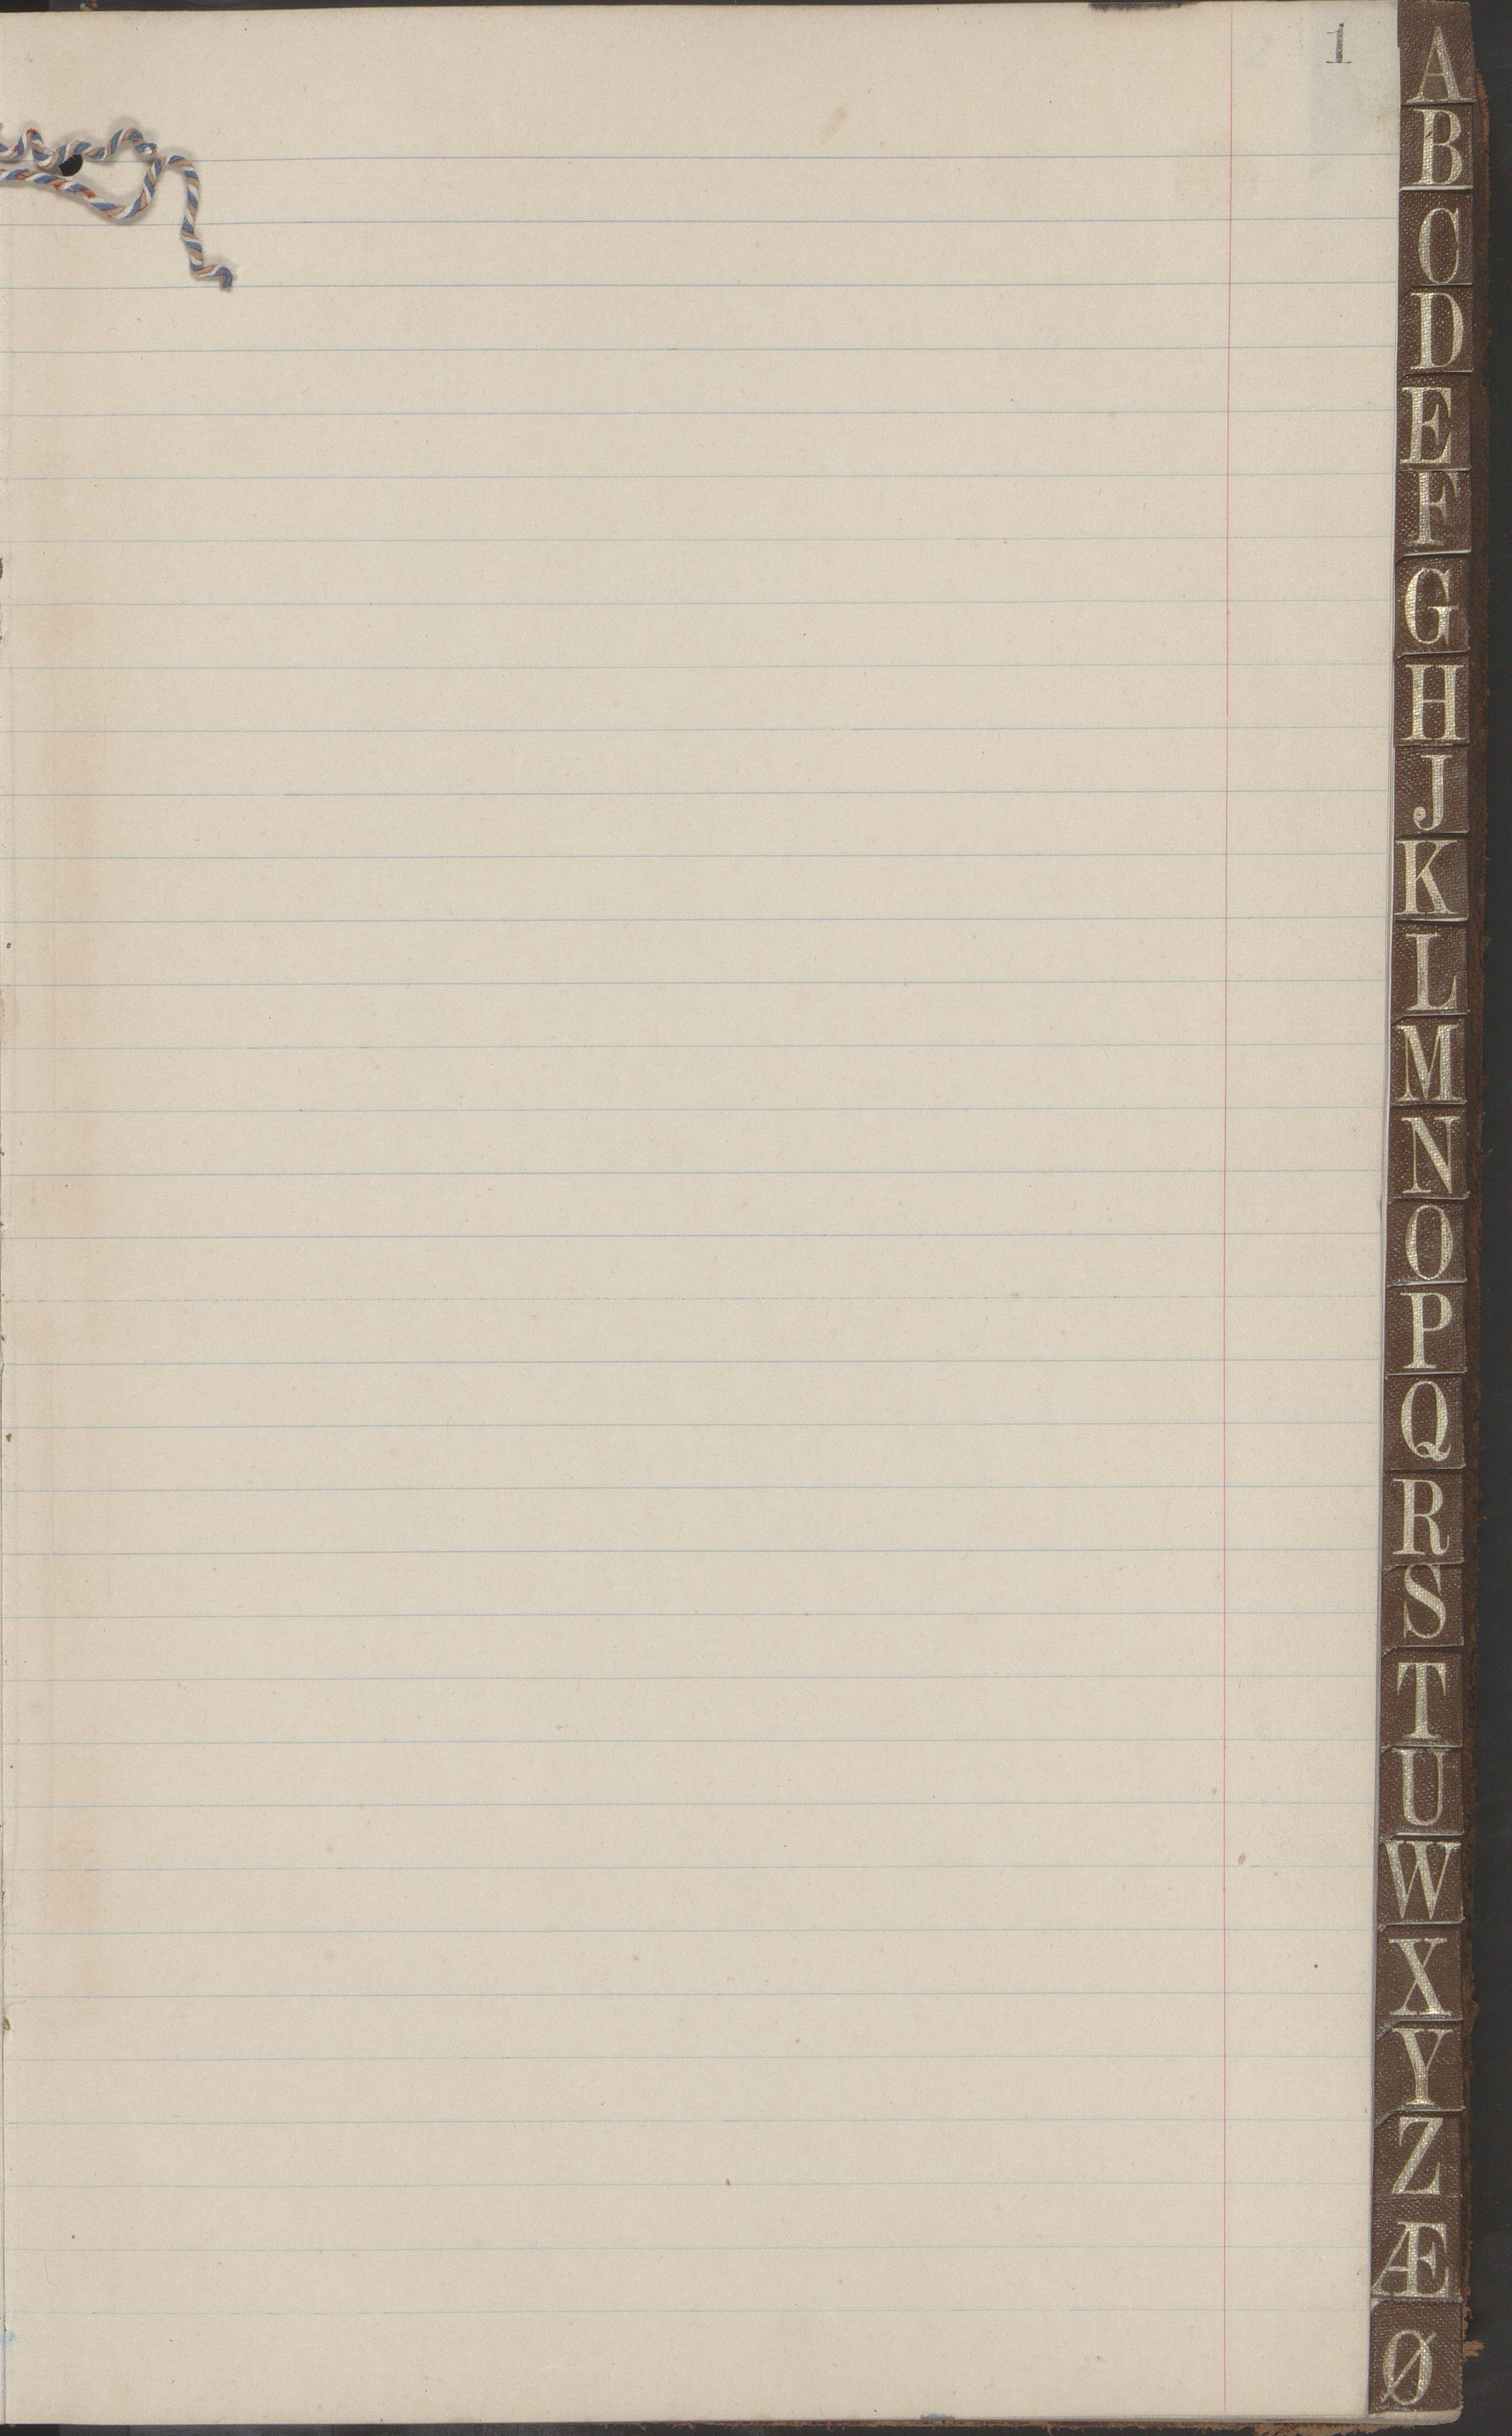 AIN, Brønnøy kommune. Formannskapet, A/Aa/L0002d: Møtebok, 1910-1916, s. 1